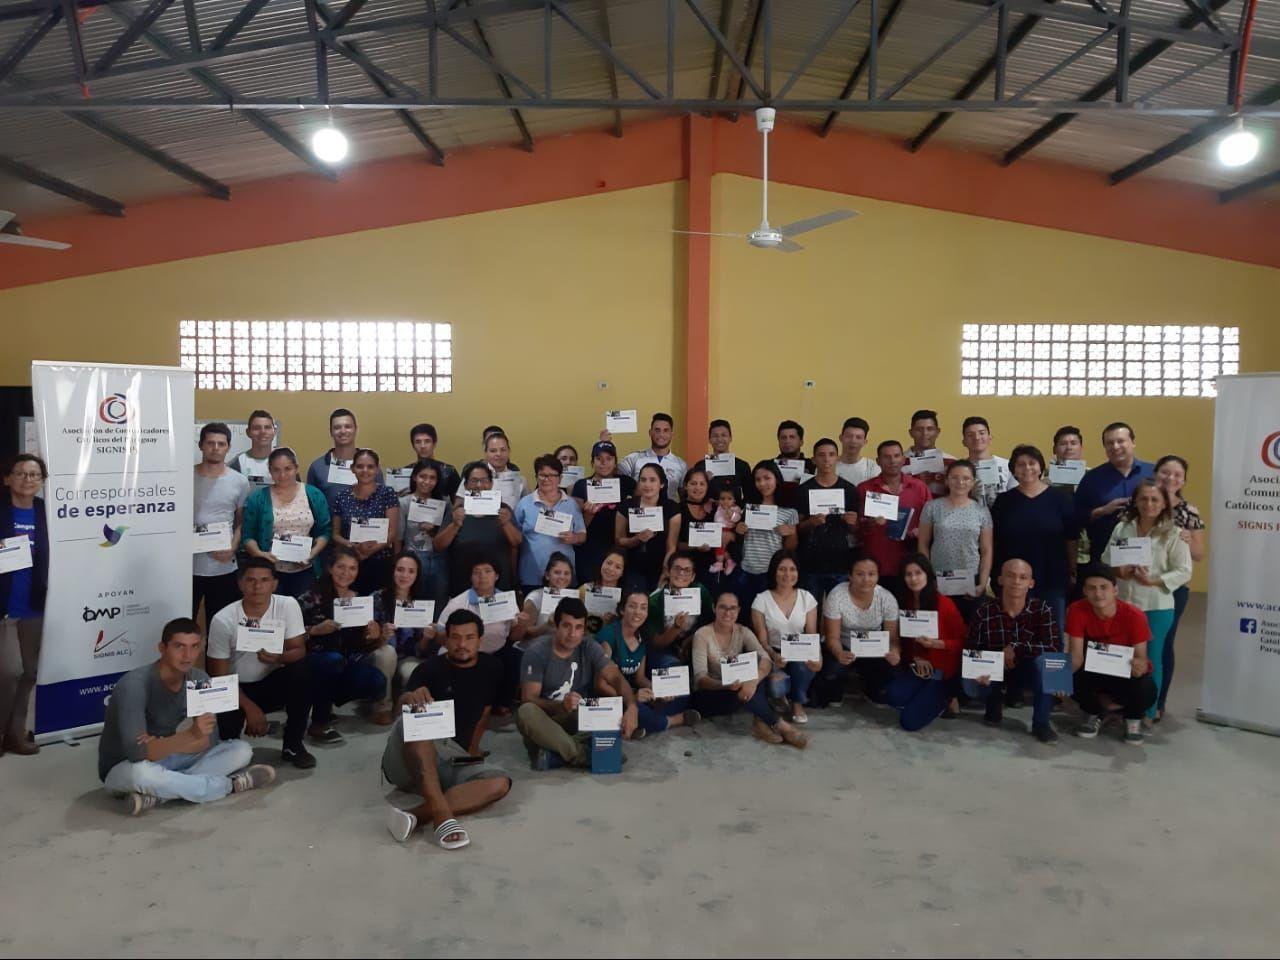 los-jovenes-con-sus-certificados-162910000000-1847351.jpg